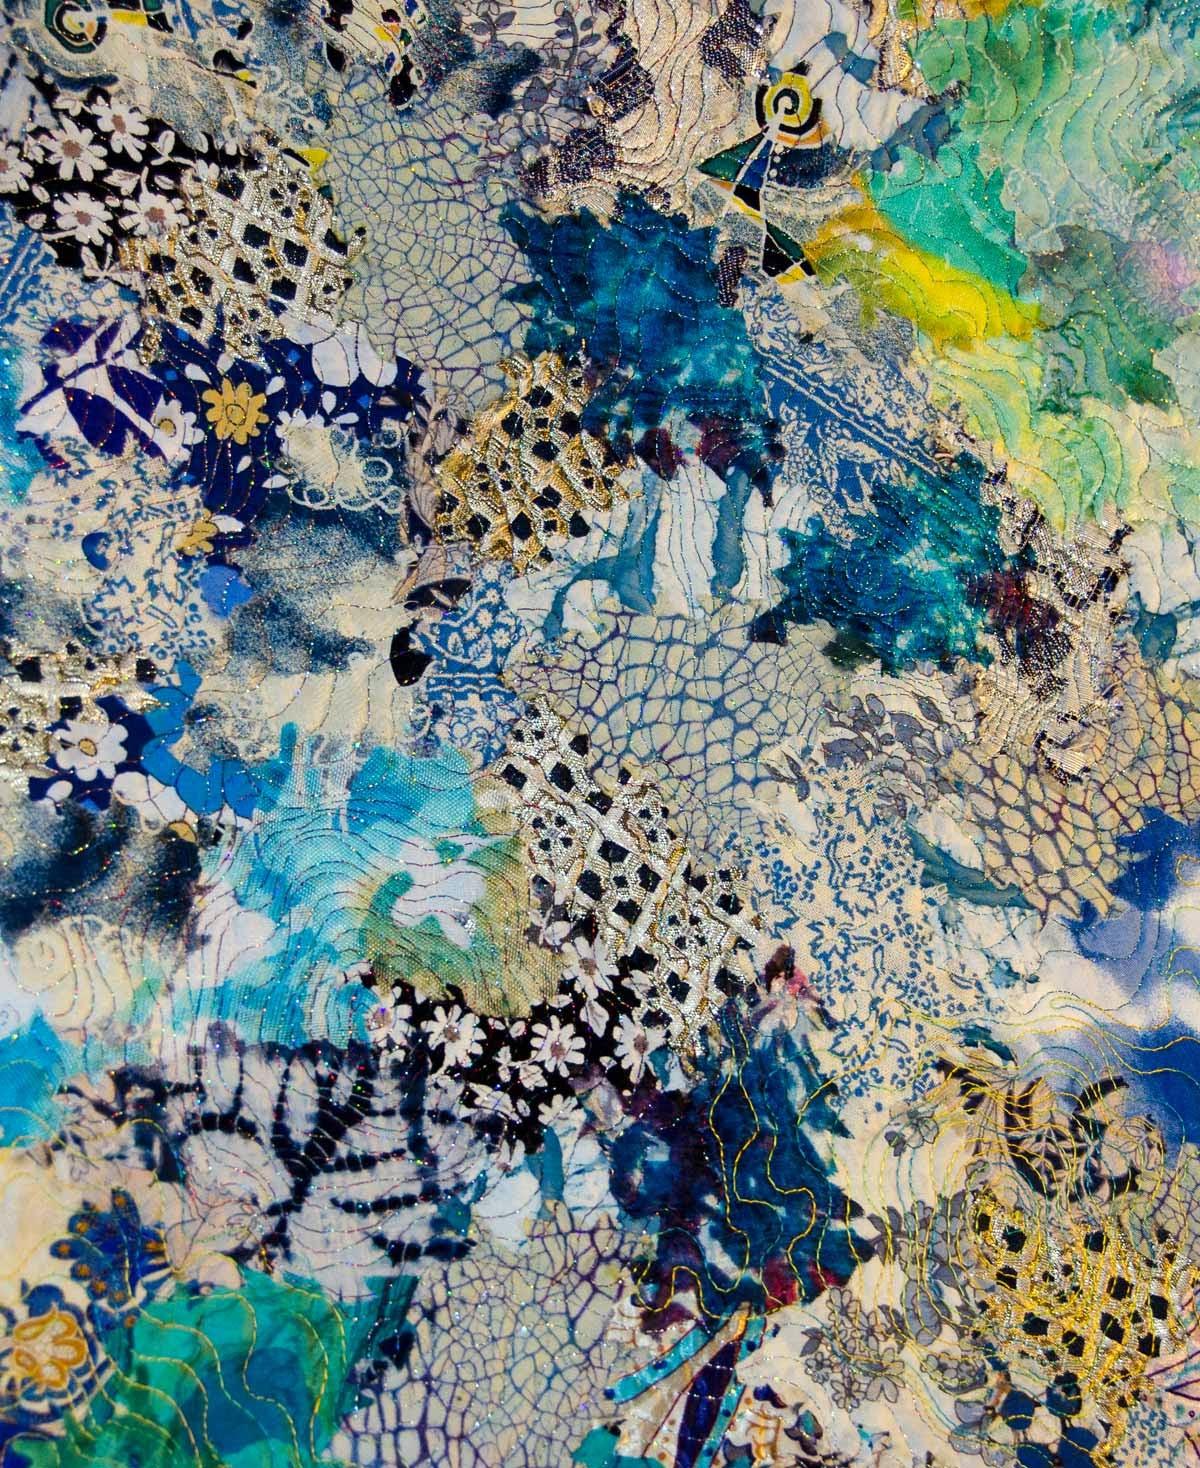 Quilt Nihon Quilt by Maya Chaimovich